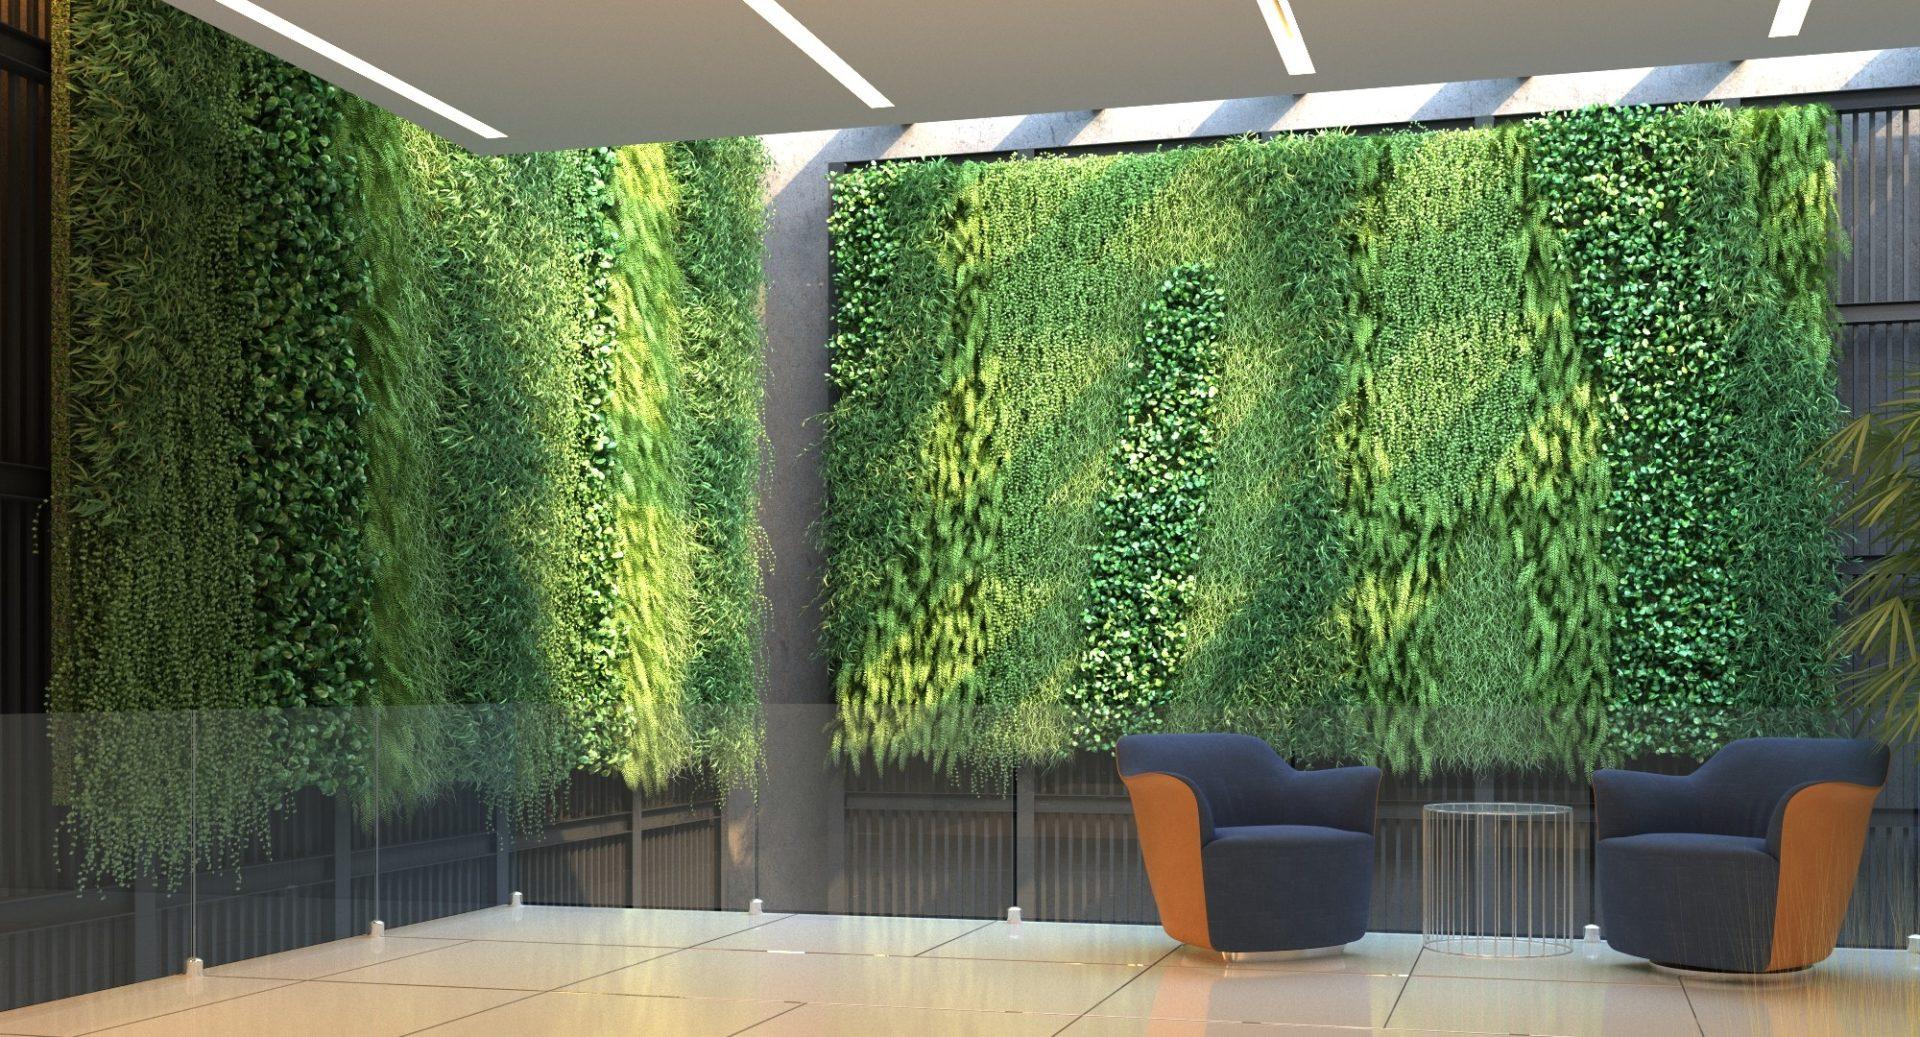 Вертикальное озеленение в квартире своими руками фото фото 5